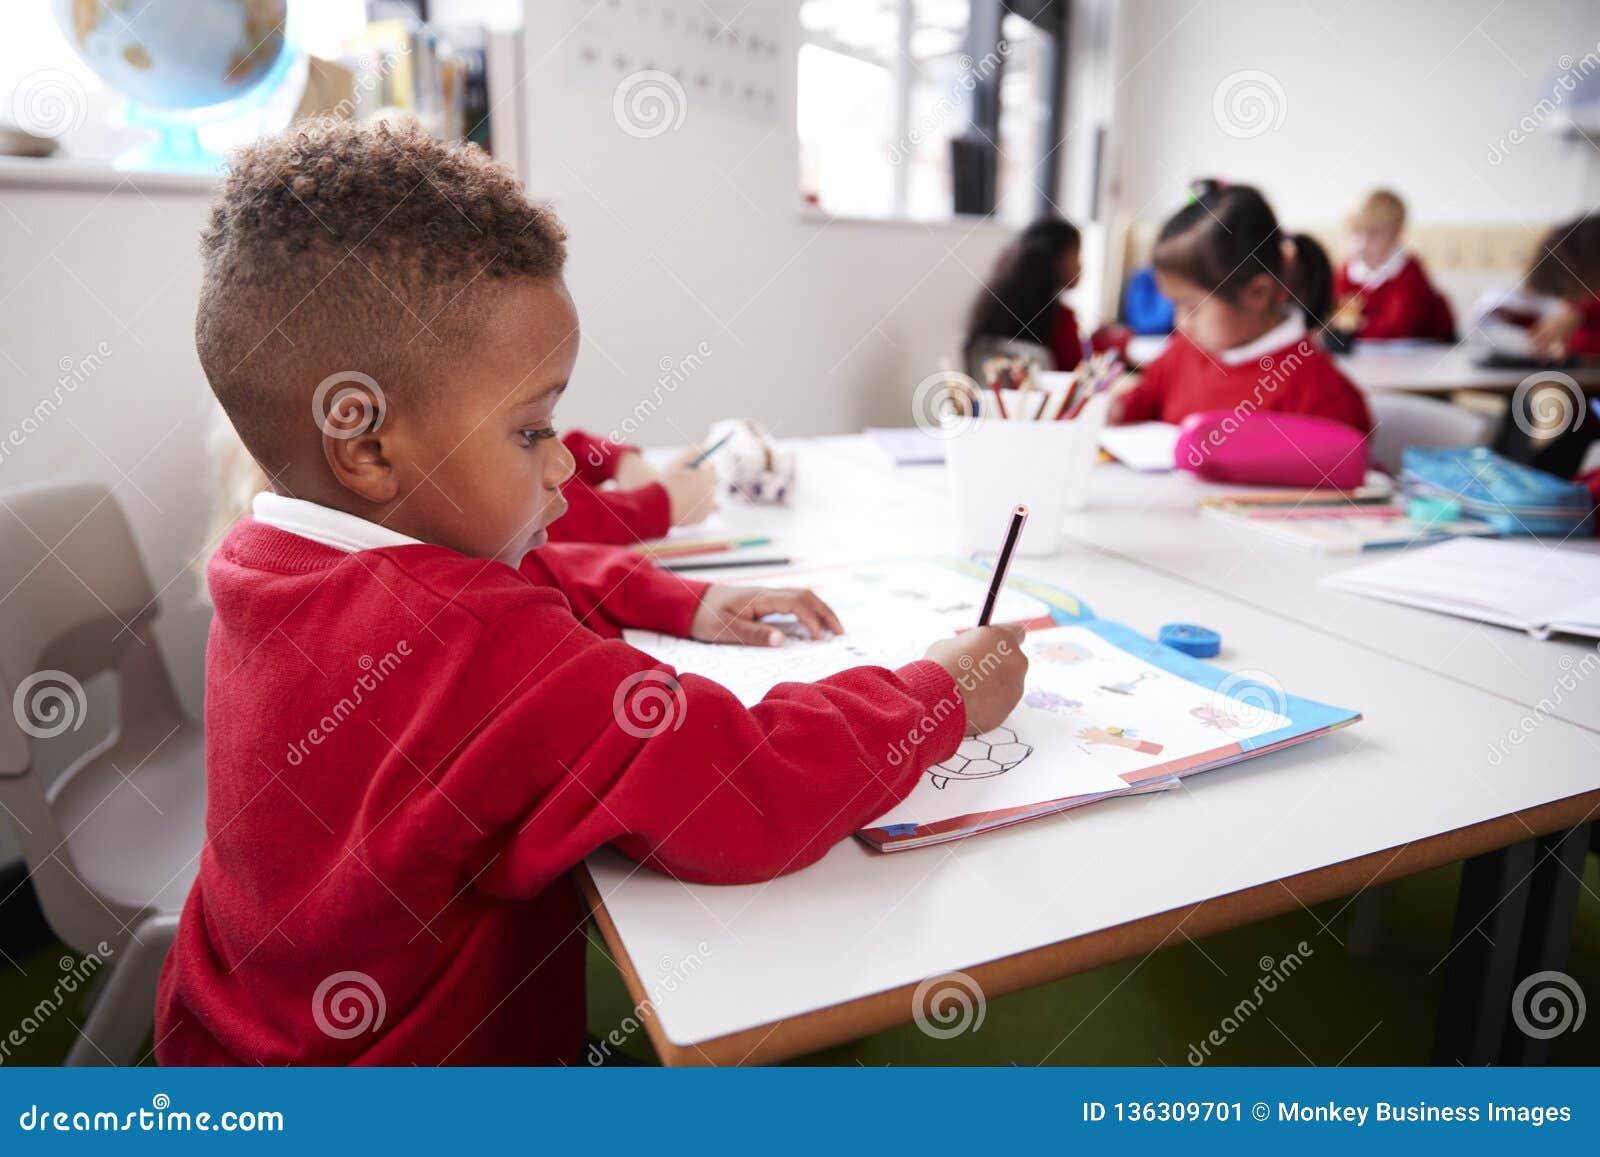 Uniforme scolaire de port de jeune écolier noir se reposant à un